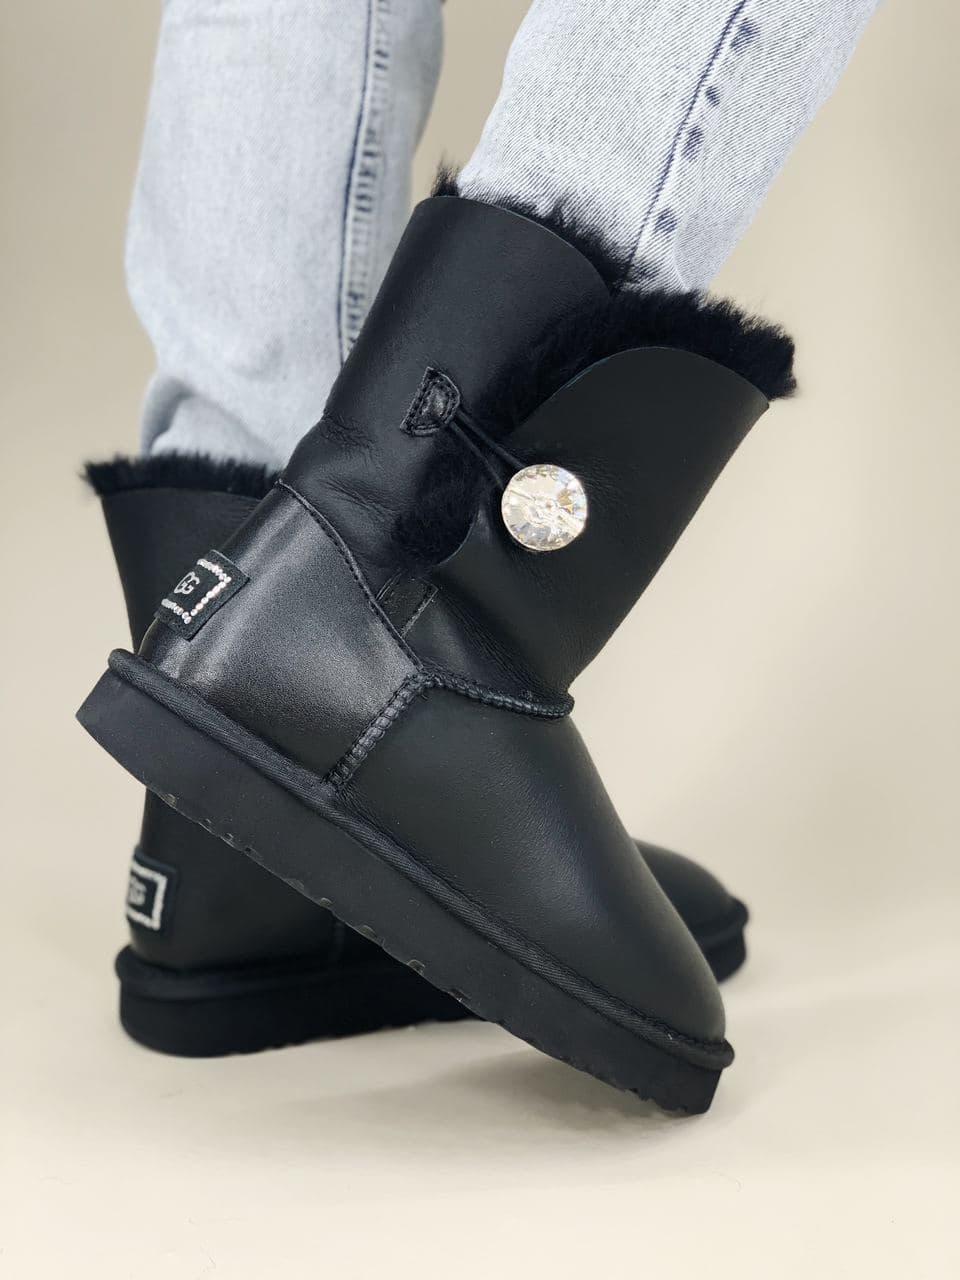 Угги женские Ugg Bailey Button Black Blink черного цвета. Стильные сапоги женские зимние Угги теплые черные.